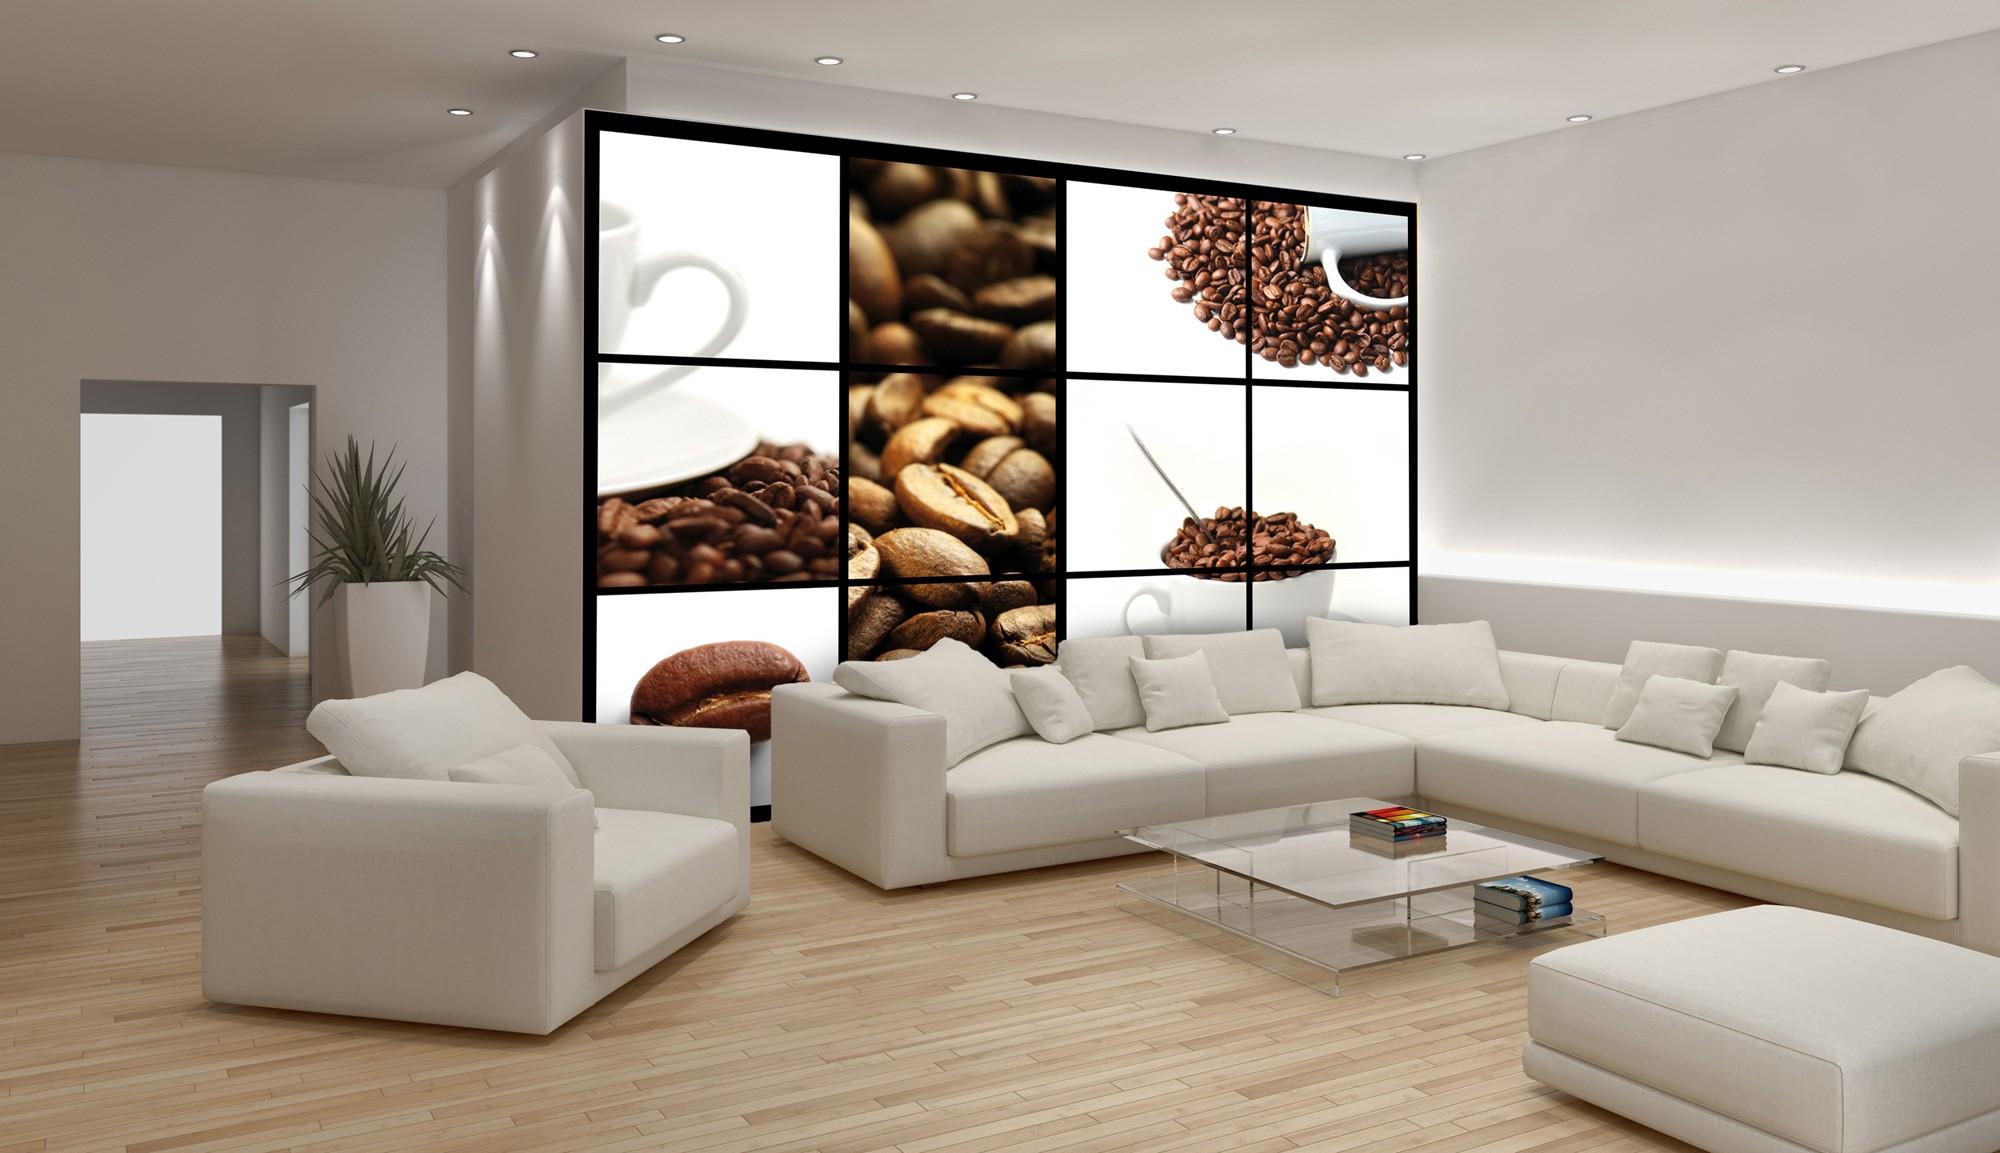 Originele Muurteksten Keuken : Fotobehang keuken kruiden industrieel fotobehang muursticker